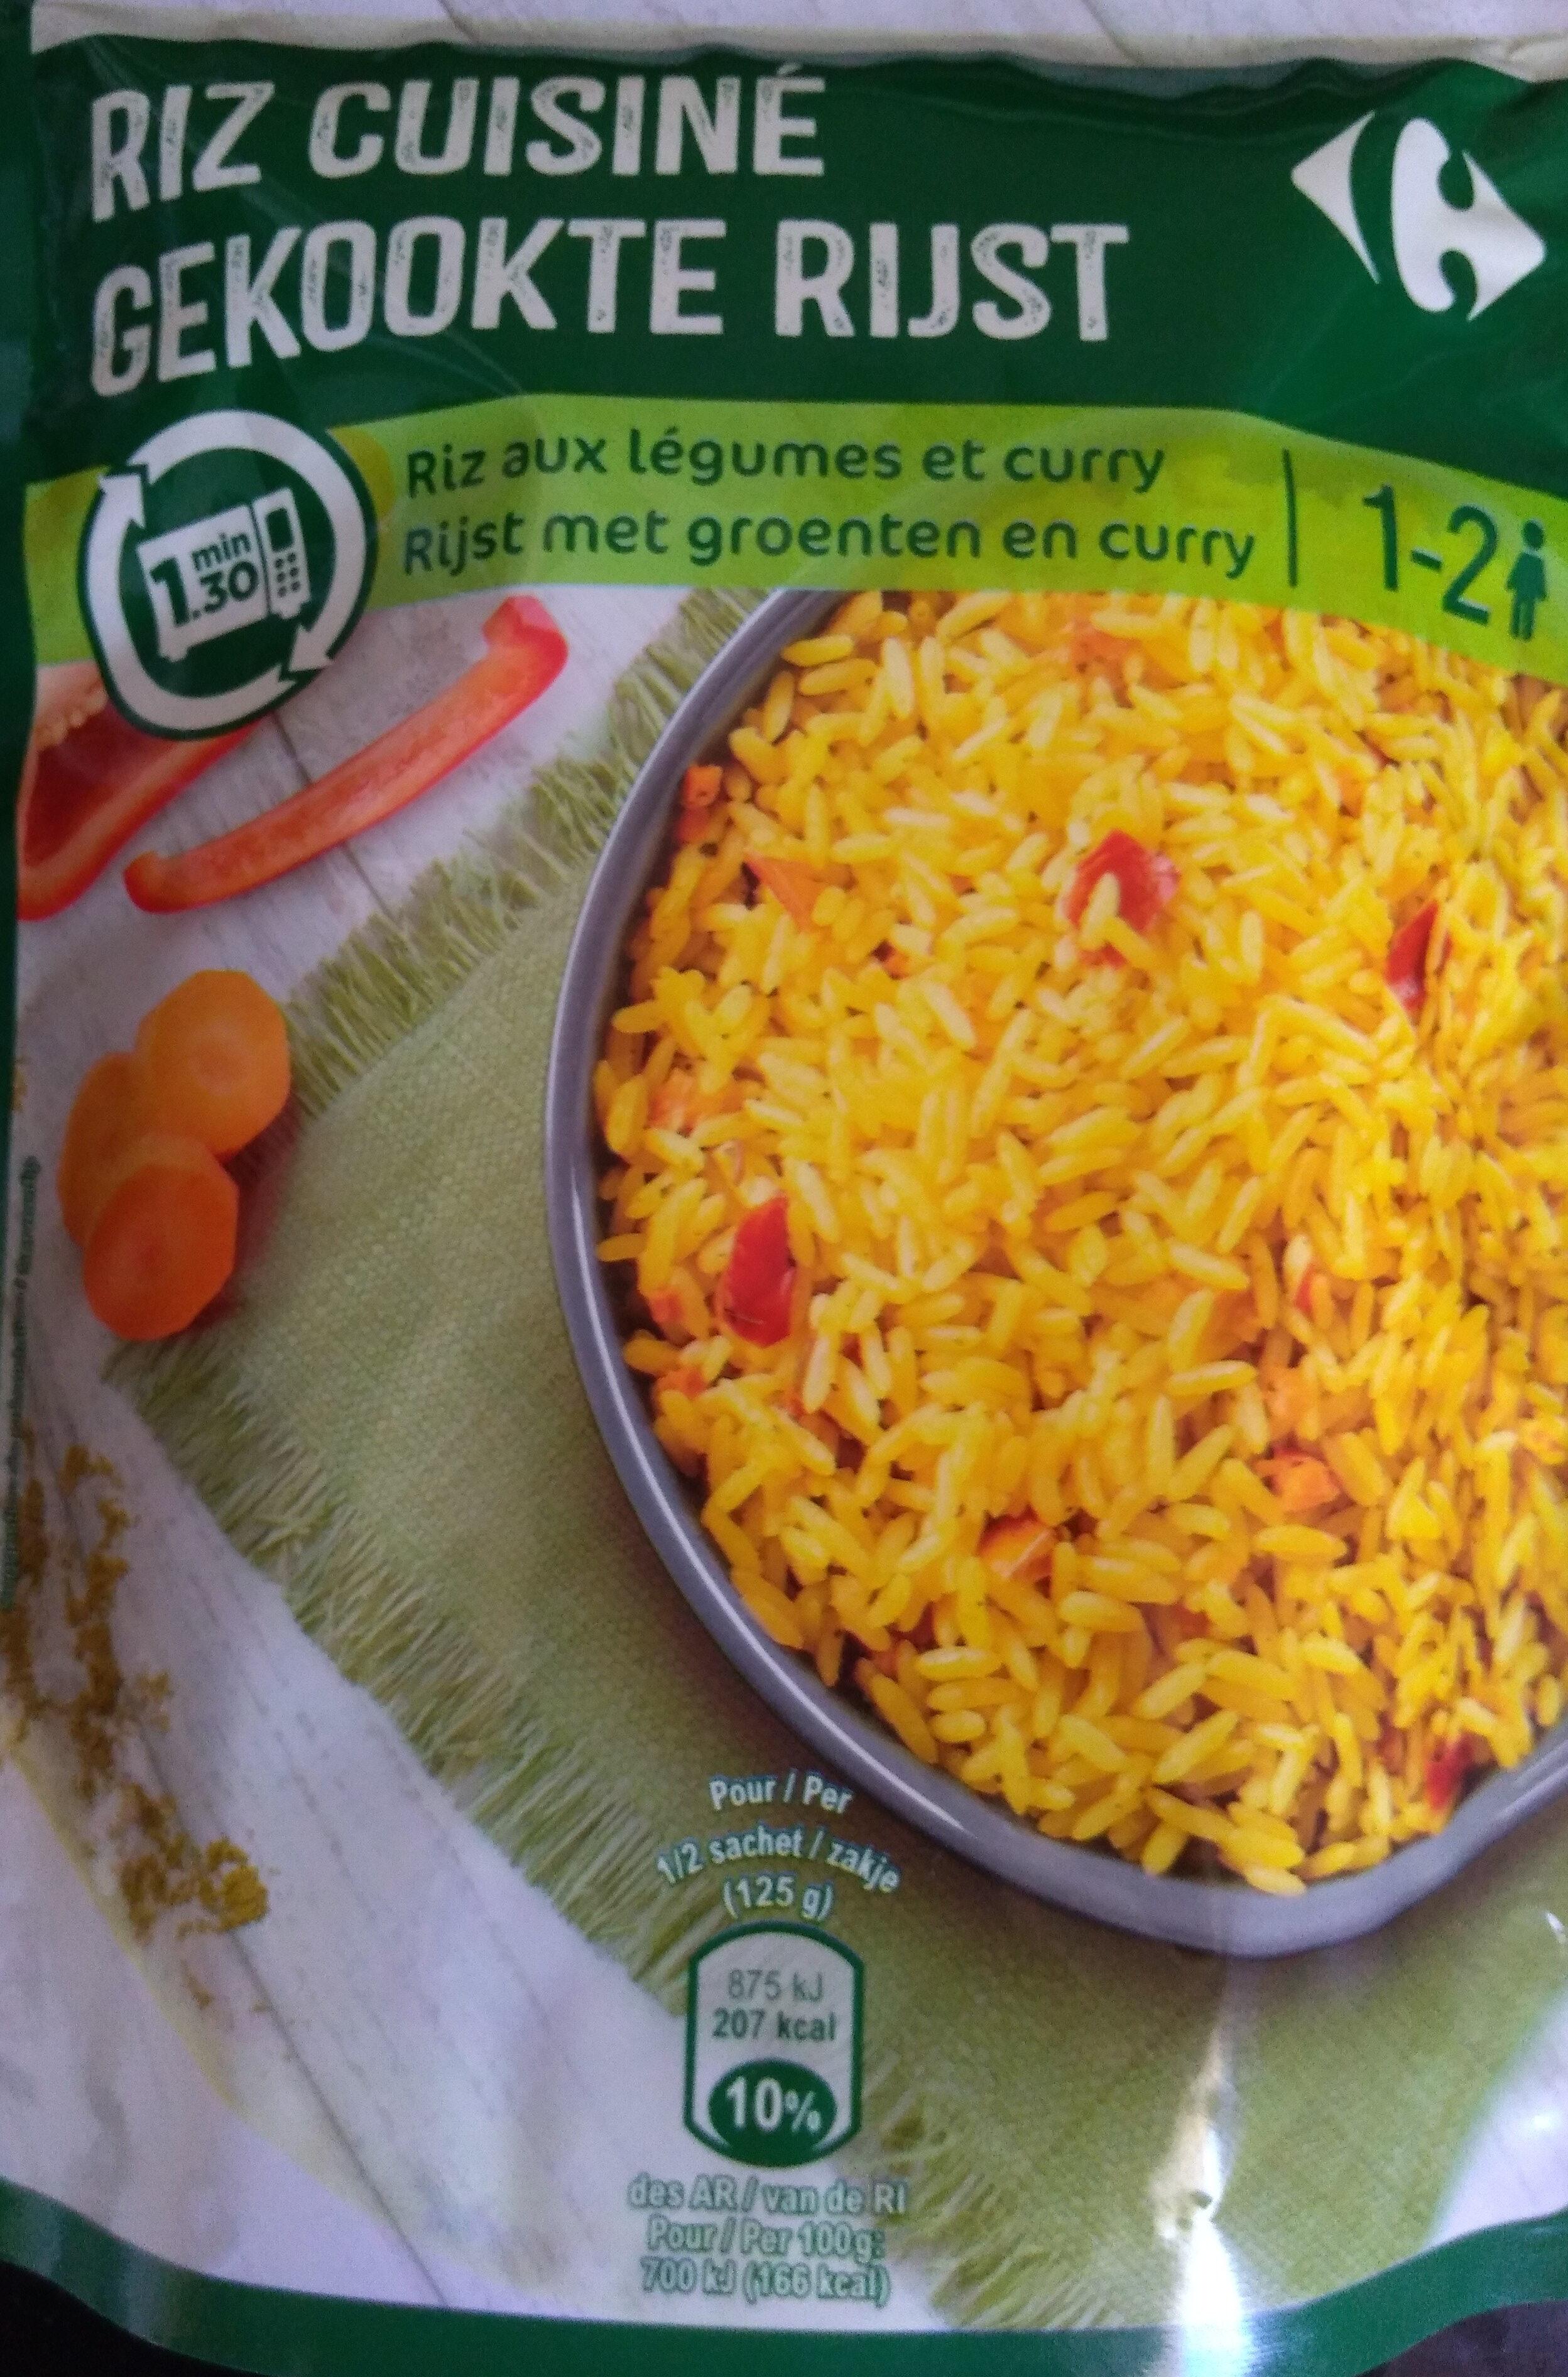 Riz aux légumes et curry - Produit